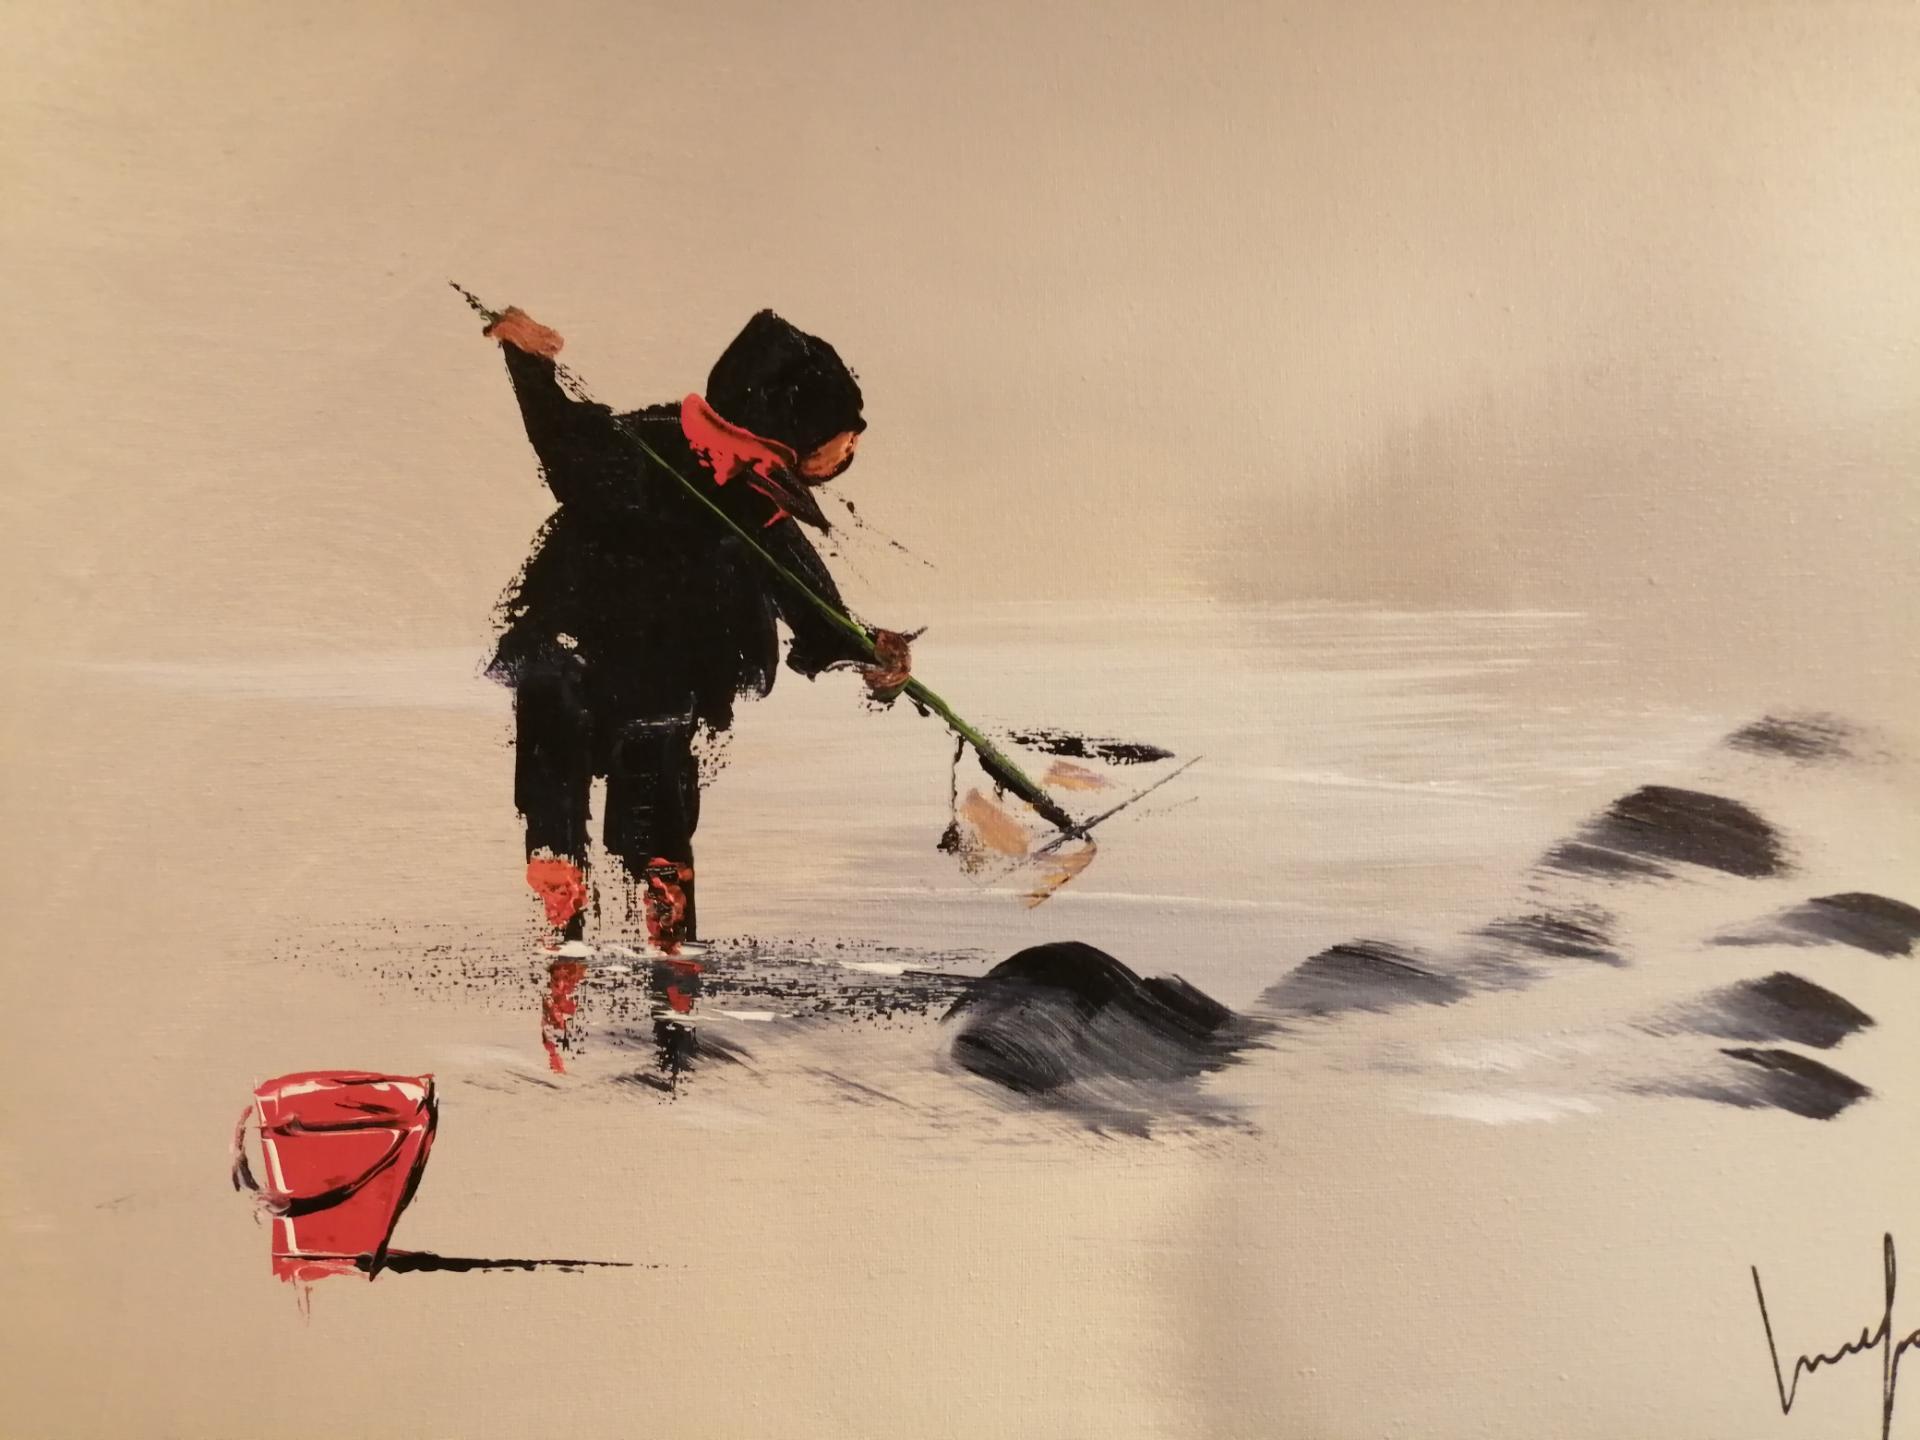 Un enfant qui pêche la crevette sur une plage de la côte d'opale